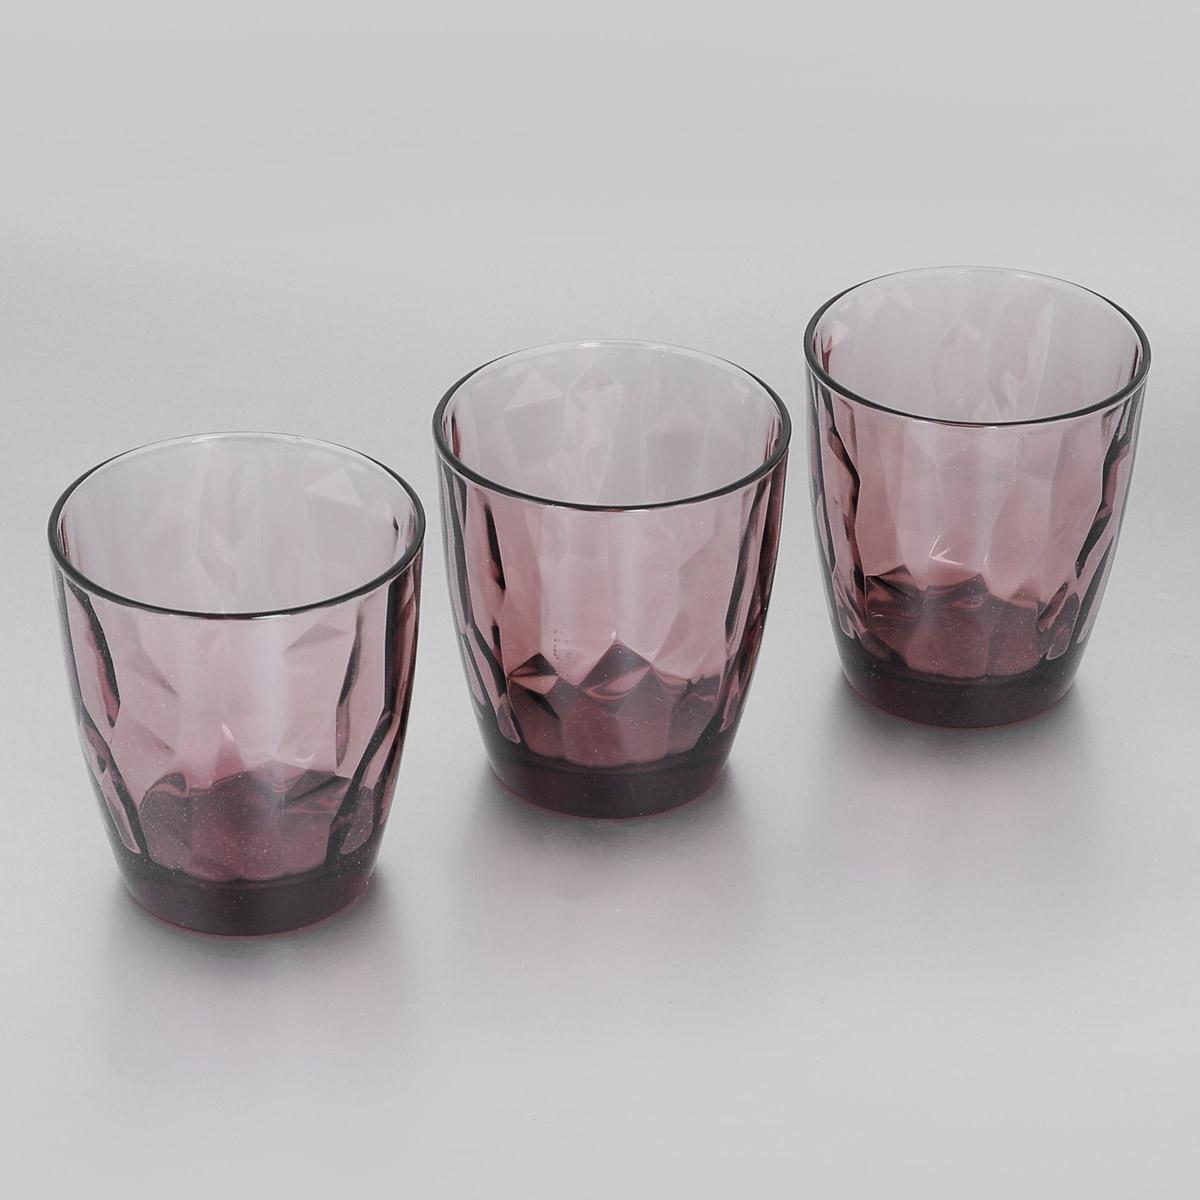 Набор стаканов Bormioli Rocco Diamond Rock Purple, 390 мл, 3 шт302258Q02021990Набор Bormioli Rocco Diamond Rock Purple, выполненный из стекла, состоит из 3 низких стаканов. Стаканы предназначены для подачи холодных напитков. С внутренней стороны поверхность стаканов рельефная, что создает эффект игры света и преломления. Благодаря такому набору пить напитки будет еще вкуснее.Стаканы Bormioli Rocco Diamond Rock Purple станут идеальным украшением праздничного стола и отличным подарком к любому празднику. С 1825 года компания Bormioli Rocco производит высококачественную посуду из стекла. На сегодняшний день это мировой лидер на рынке производства стеклянных изделий. Ассортимент, предлагаемый Bormioli Rocco необычайно широк - это бокалы, фужеры, рюмки, графины, кувшины, банки для сыпучих продуктов и консервирования, тарелки, салатники, чашки, контейнеры различных емкостей, предназначенные для хранения продуктов в холодильниках и морозильных камерах и т.д. Стекло сочетает в себе передовые технологии и традиционно высокое качество.